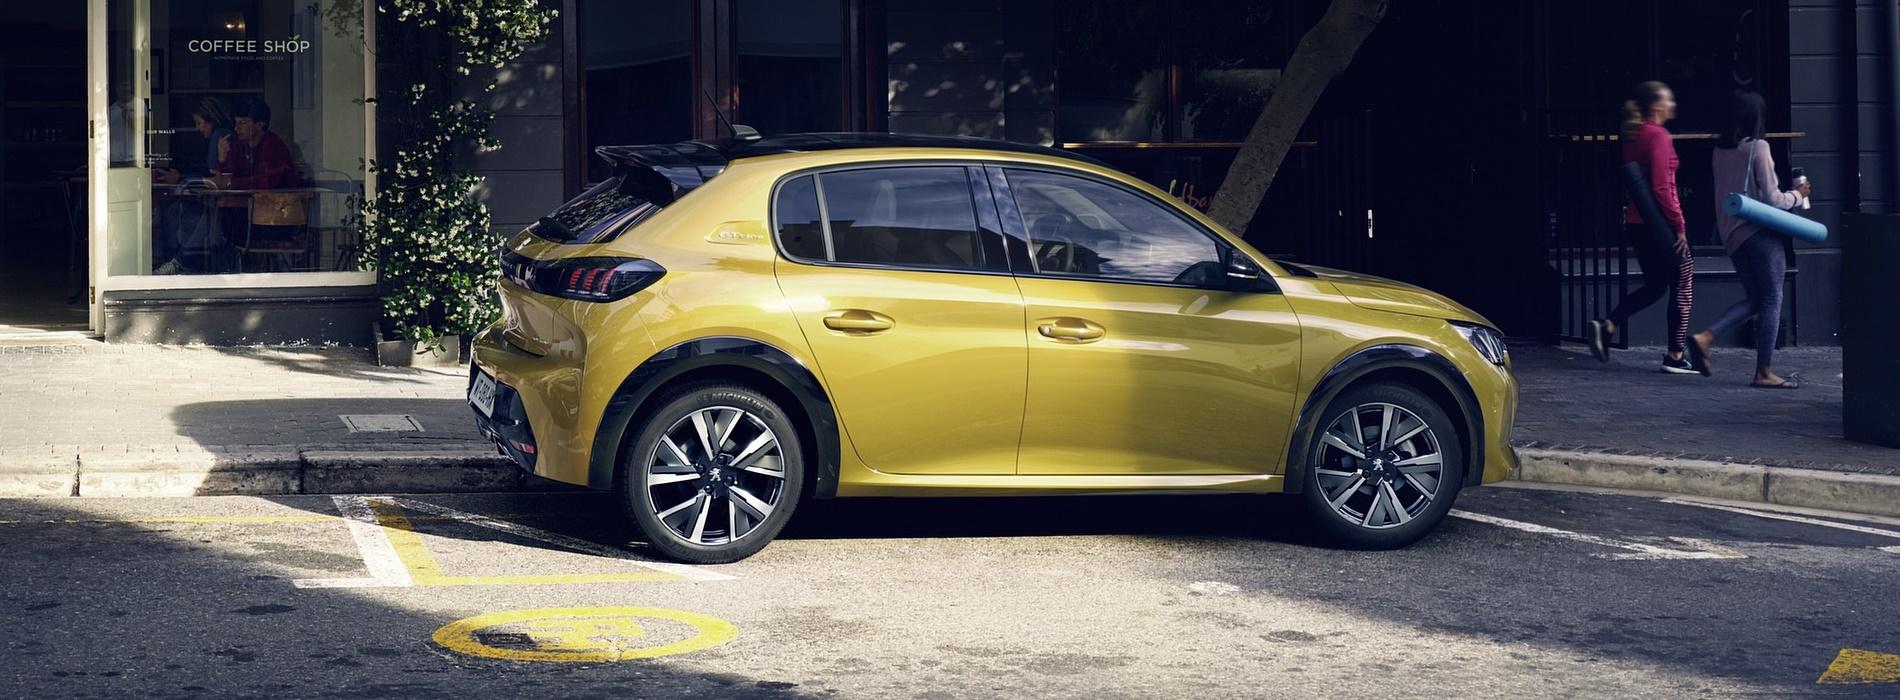 Nuova Peugeot 208: l'auto compatta per tutte le età